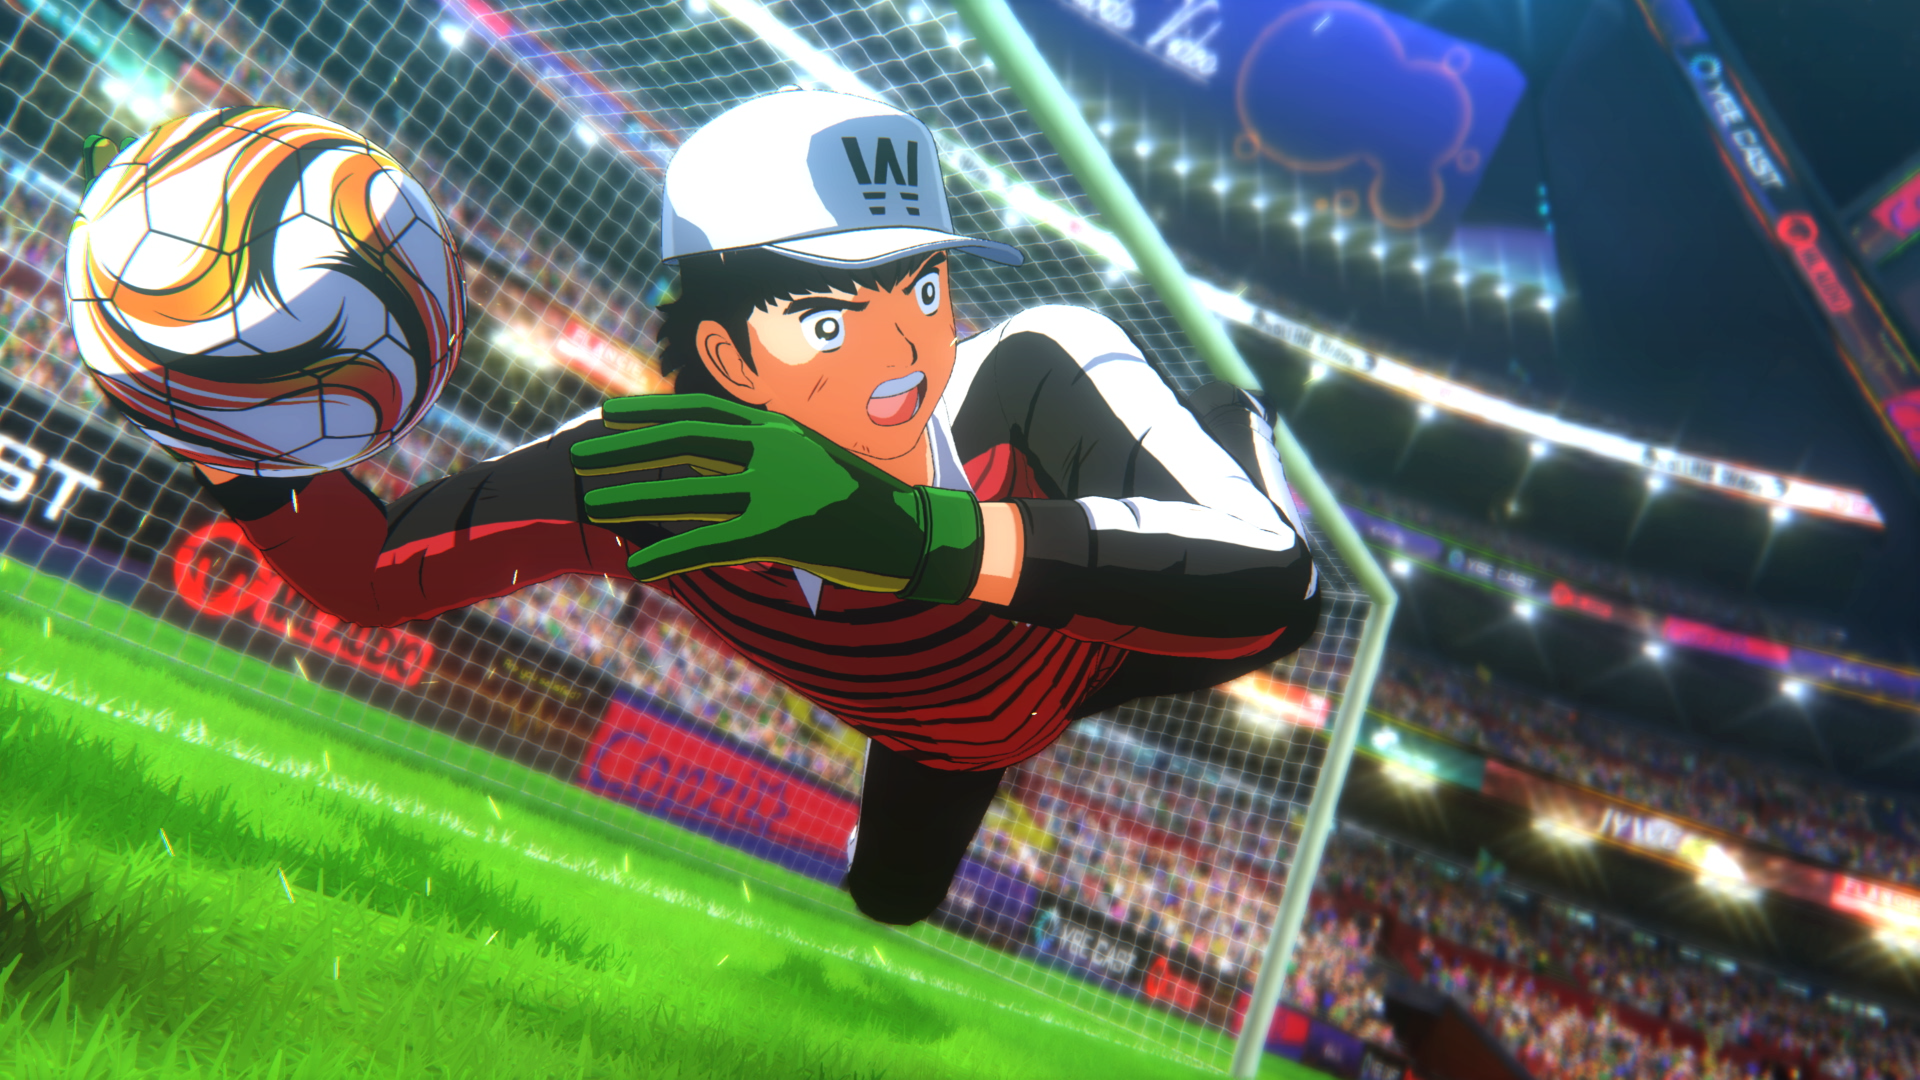 Captain Tsubasa: Rise of New Champions é o novo jogo anunciado da série